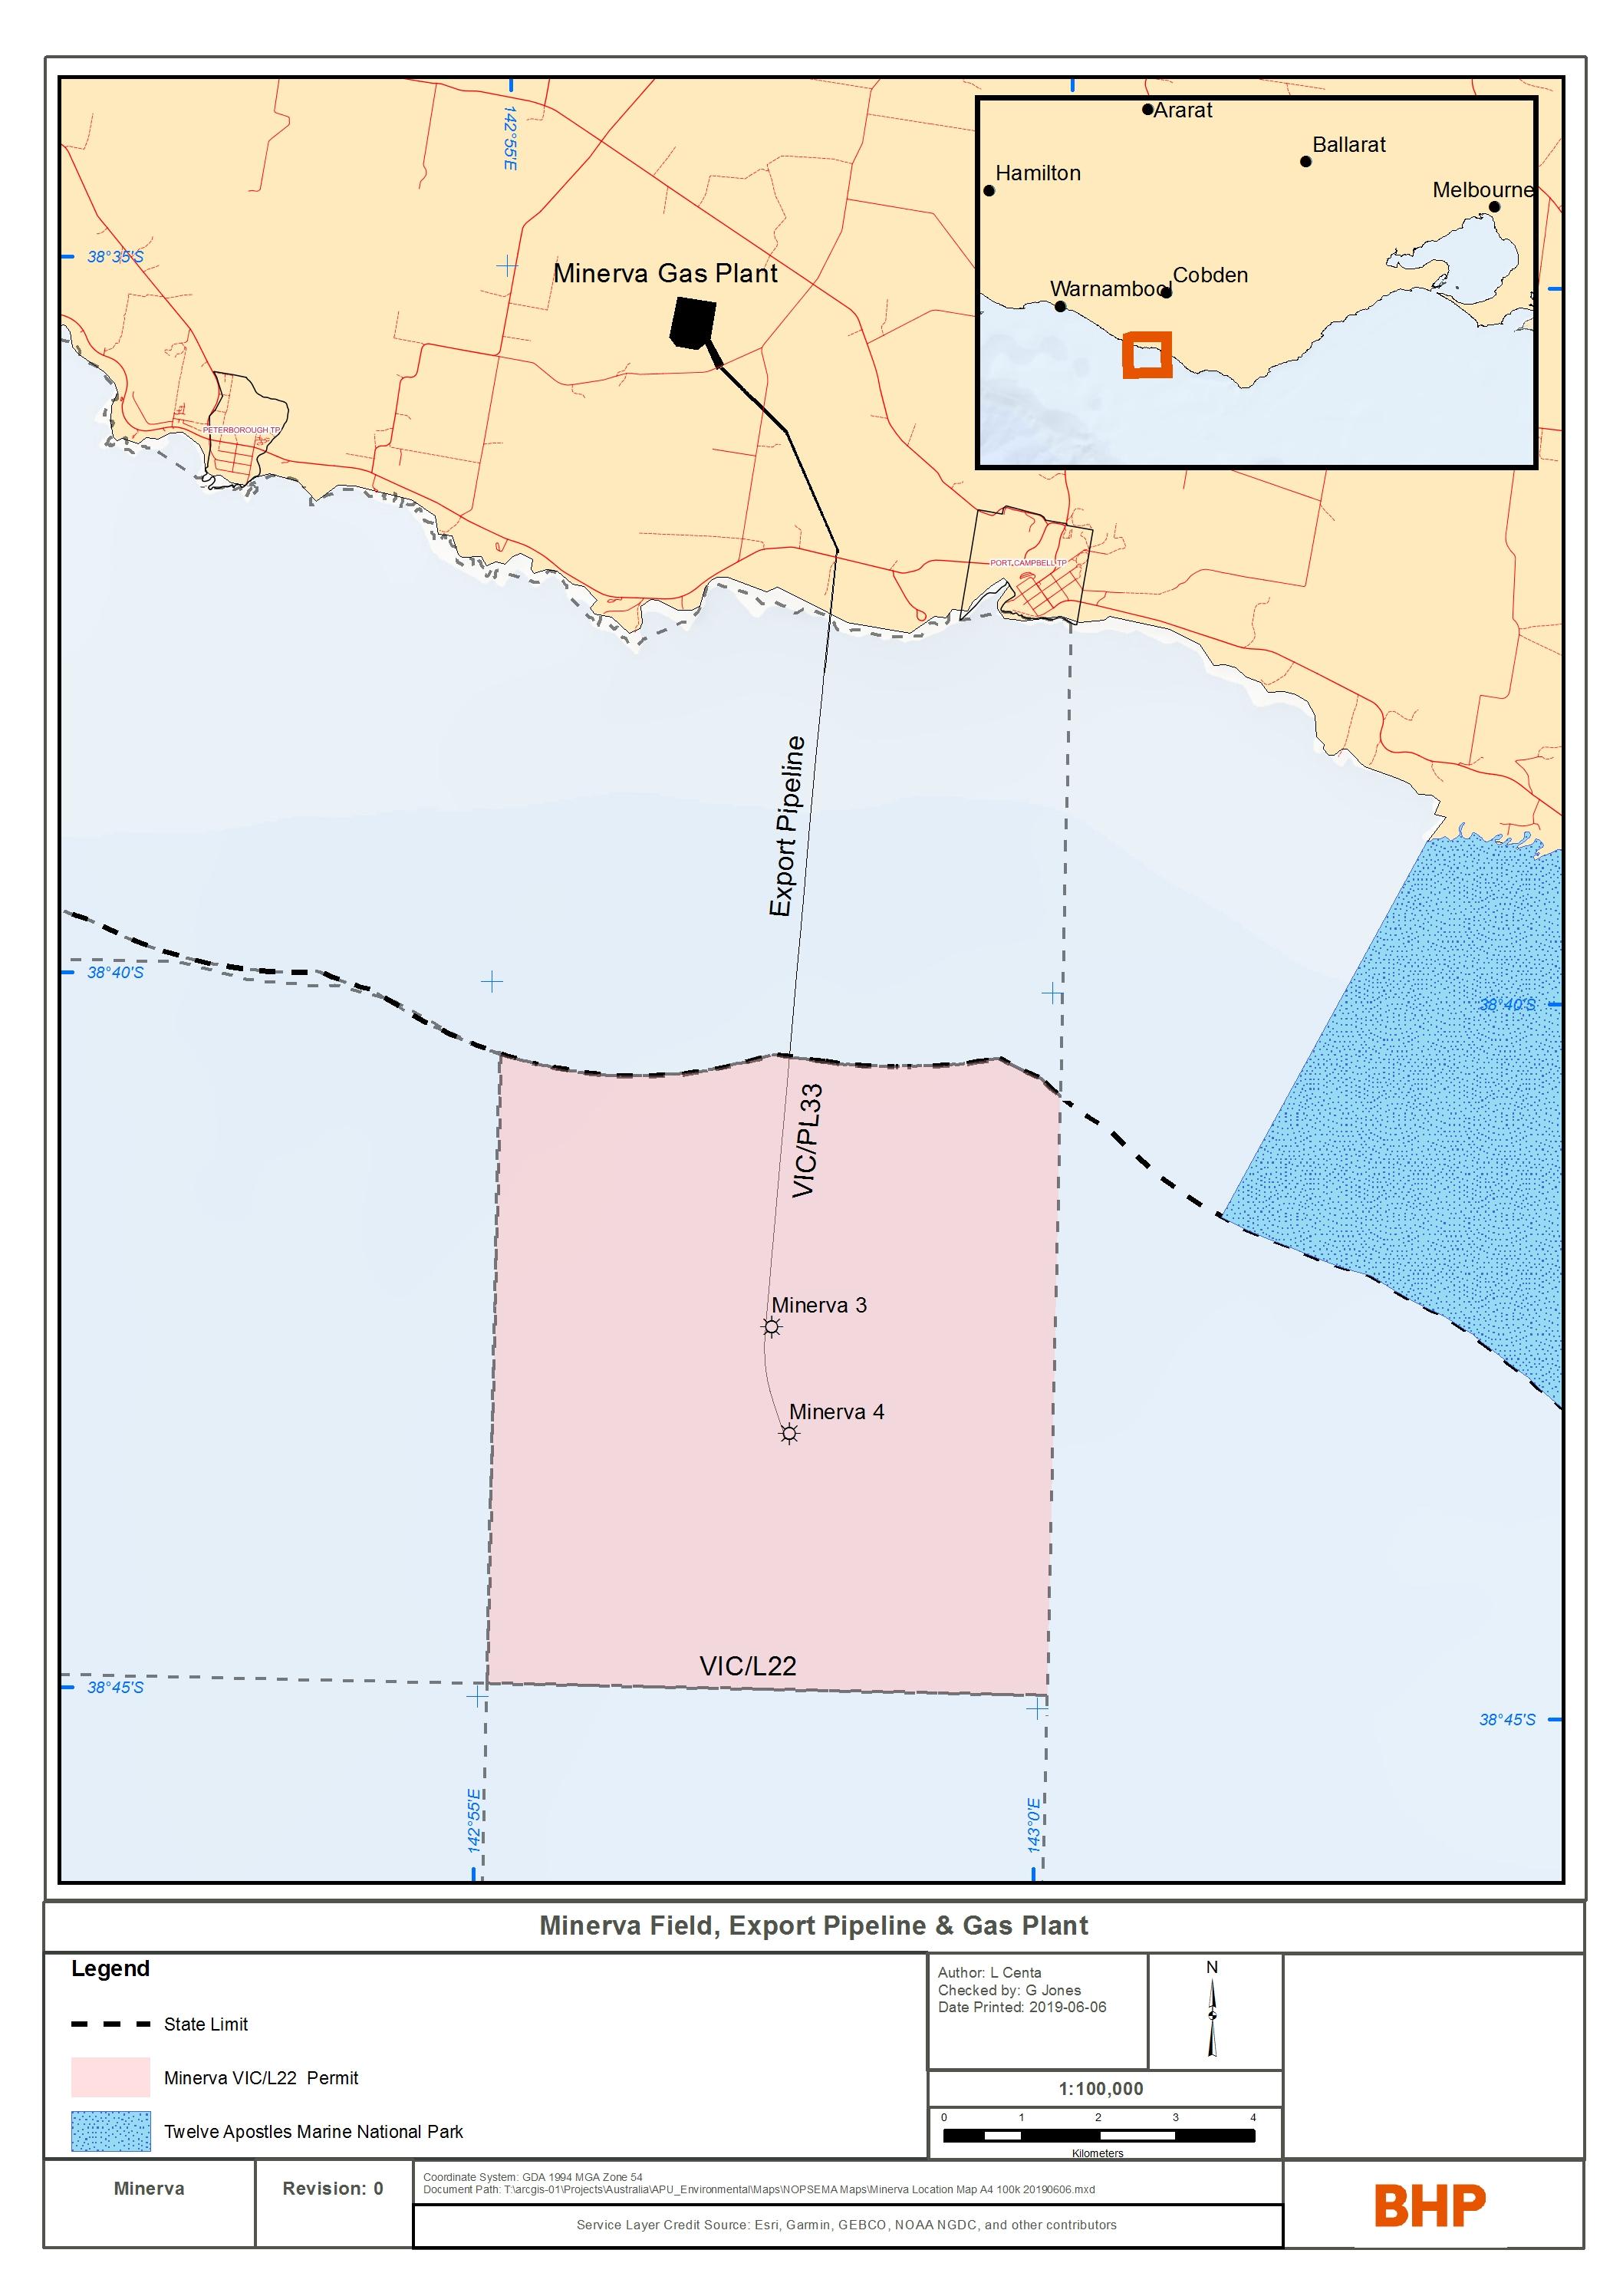 Project map - Minerva Development (refer to Description)